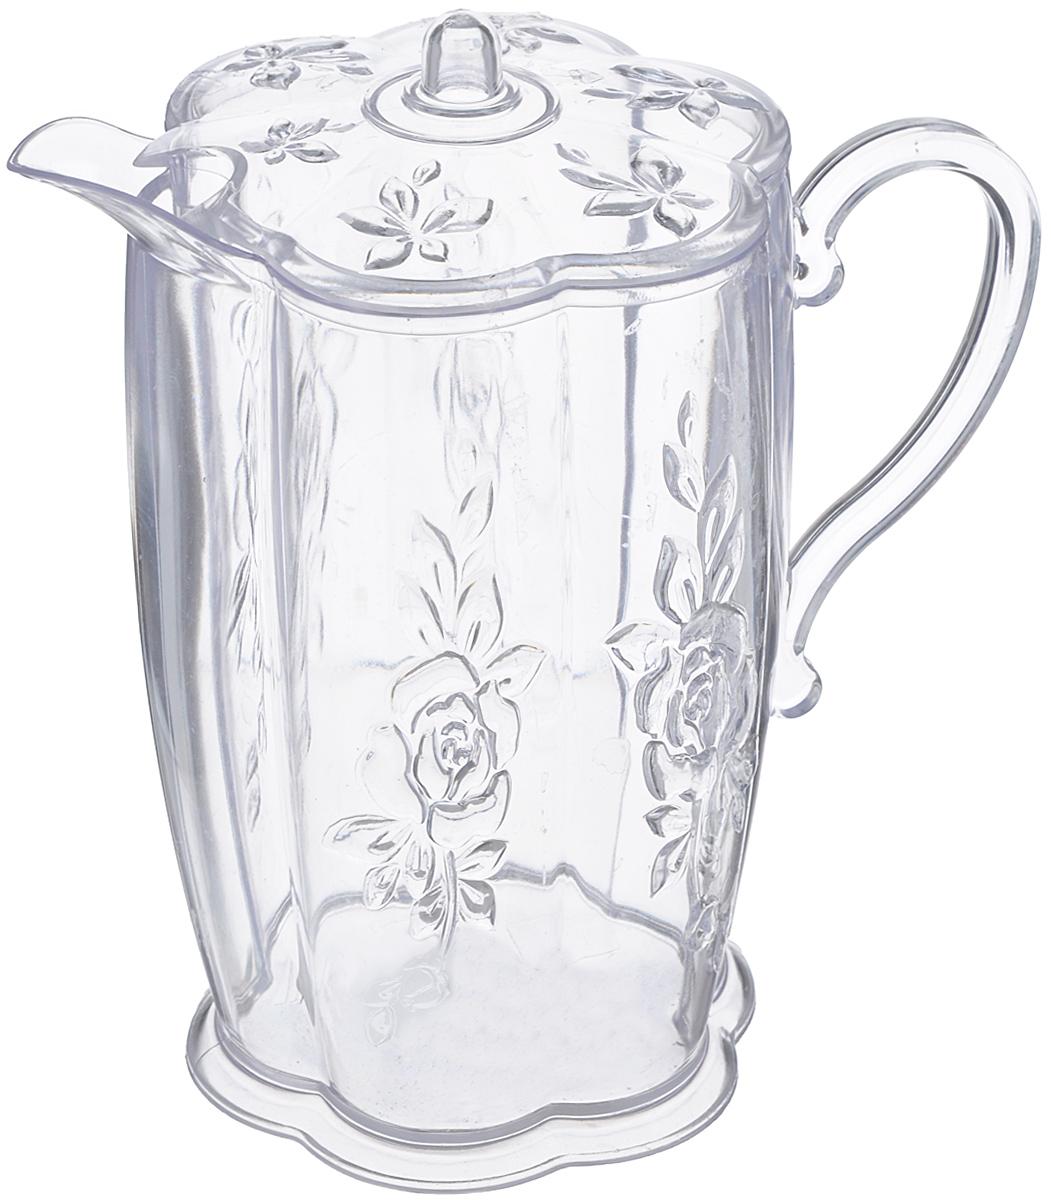 Кувшин Альтернатива Молочник, с крышкой, 500 млМ832Кувшин Альтернатива Молочник выполнен из высококачественного пластика, оснащен крышкой и эргономичной ручкой для удобства. Внешние стенки изделия декорированы объемными цветами. В таком кувшине будет удобно хранить и подавать на стол молоко, соки или воду. Кувшин Альтернатива Молочник украсит любой кухонный интерьер и станет хорошим подарком для ваших близких. Размер (по верхнему краю): 10,2 см х 7,5 см. Высота (с учетом крышки): 14 см.